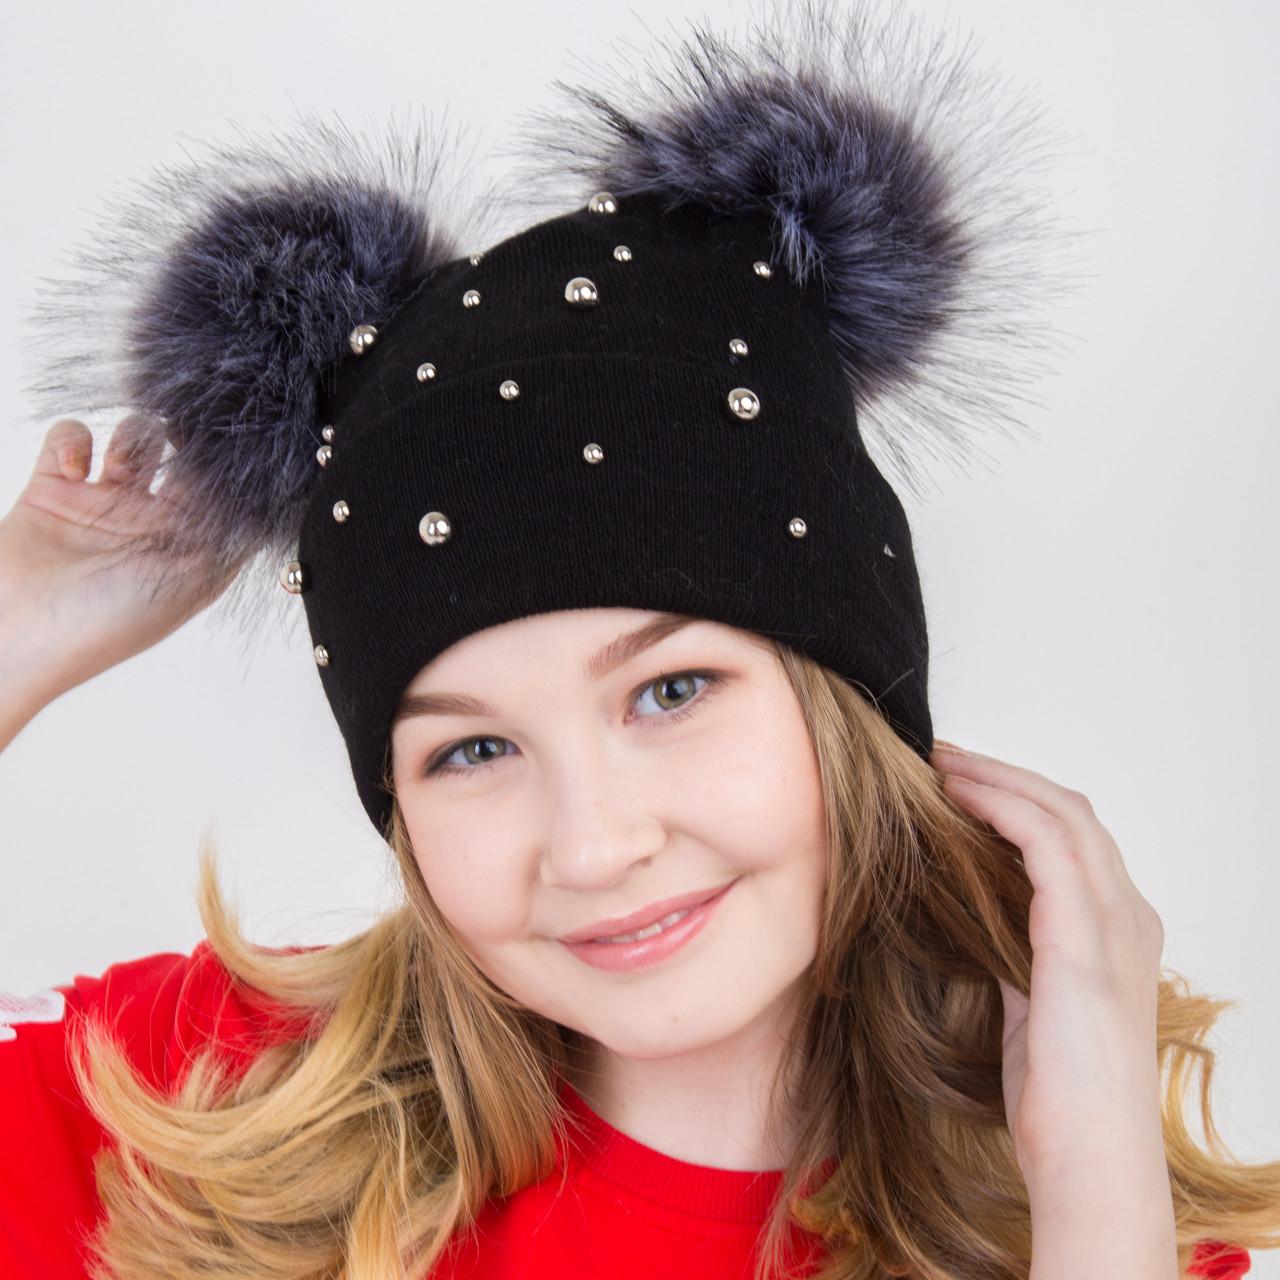 Вязанная шапка с меховыми помпонам - Микки Маус - для девочек на зиму - Артикул 2172 (черный)